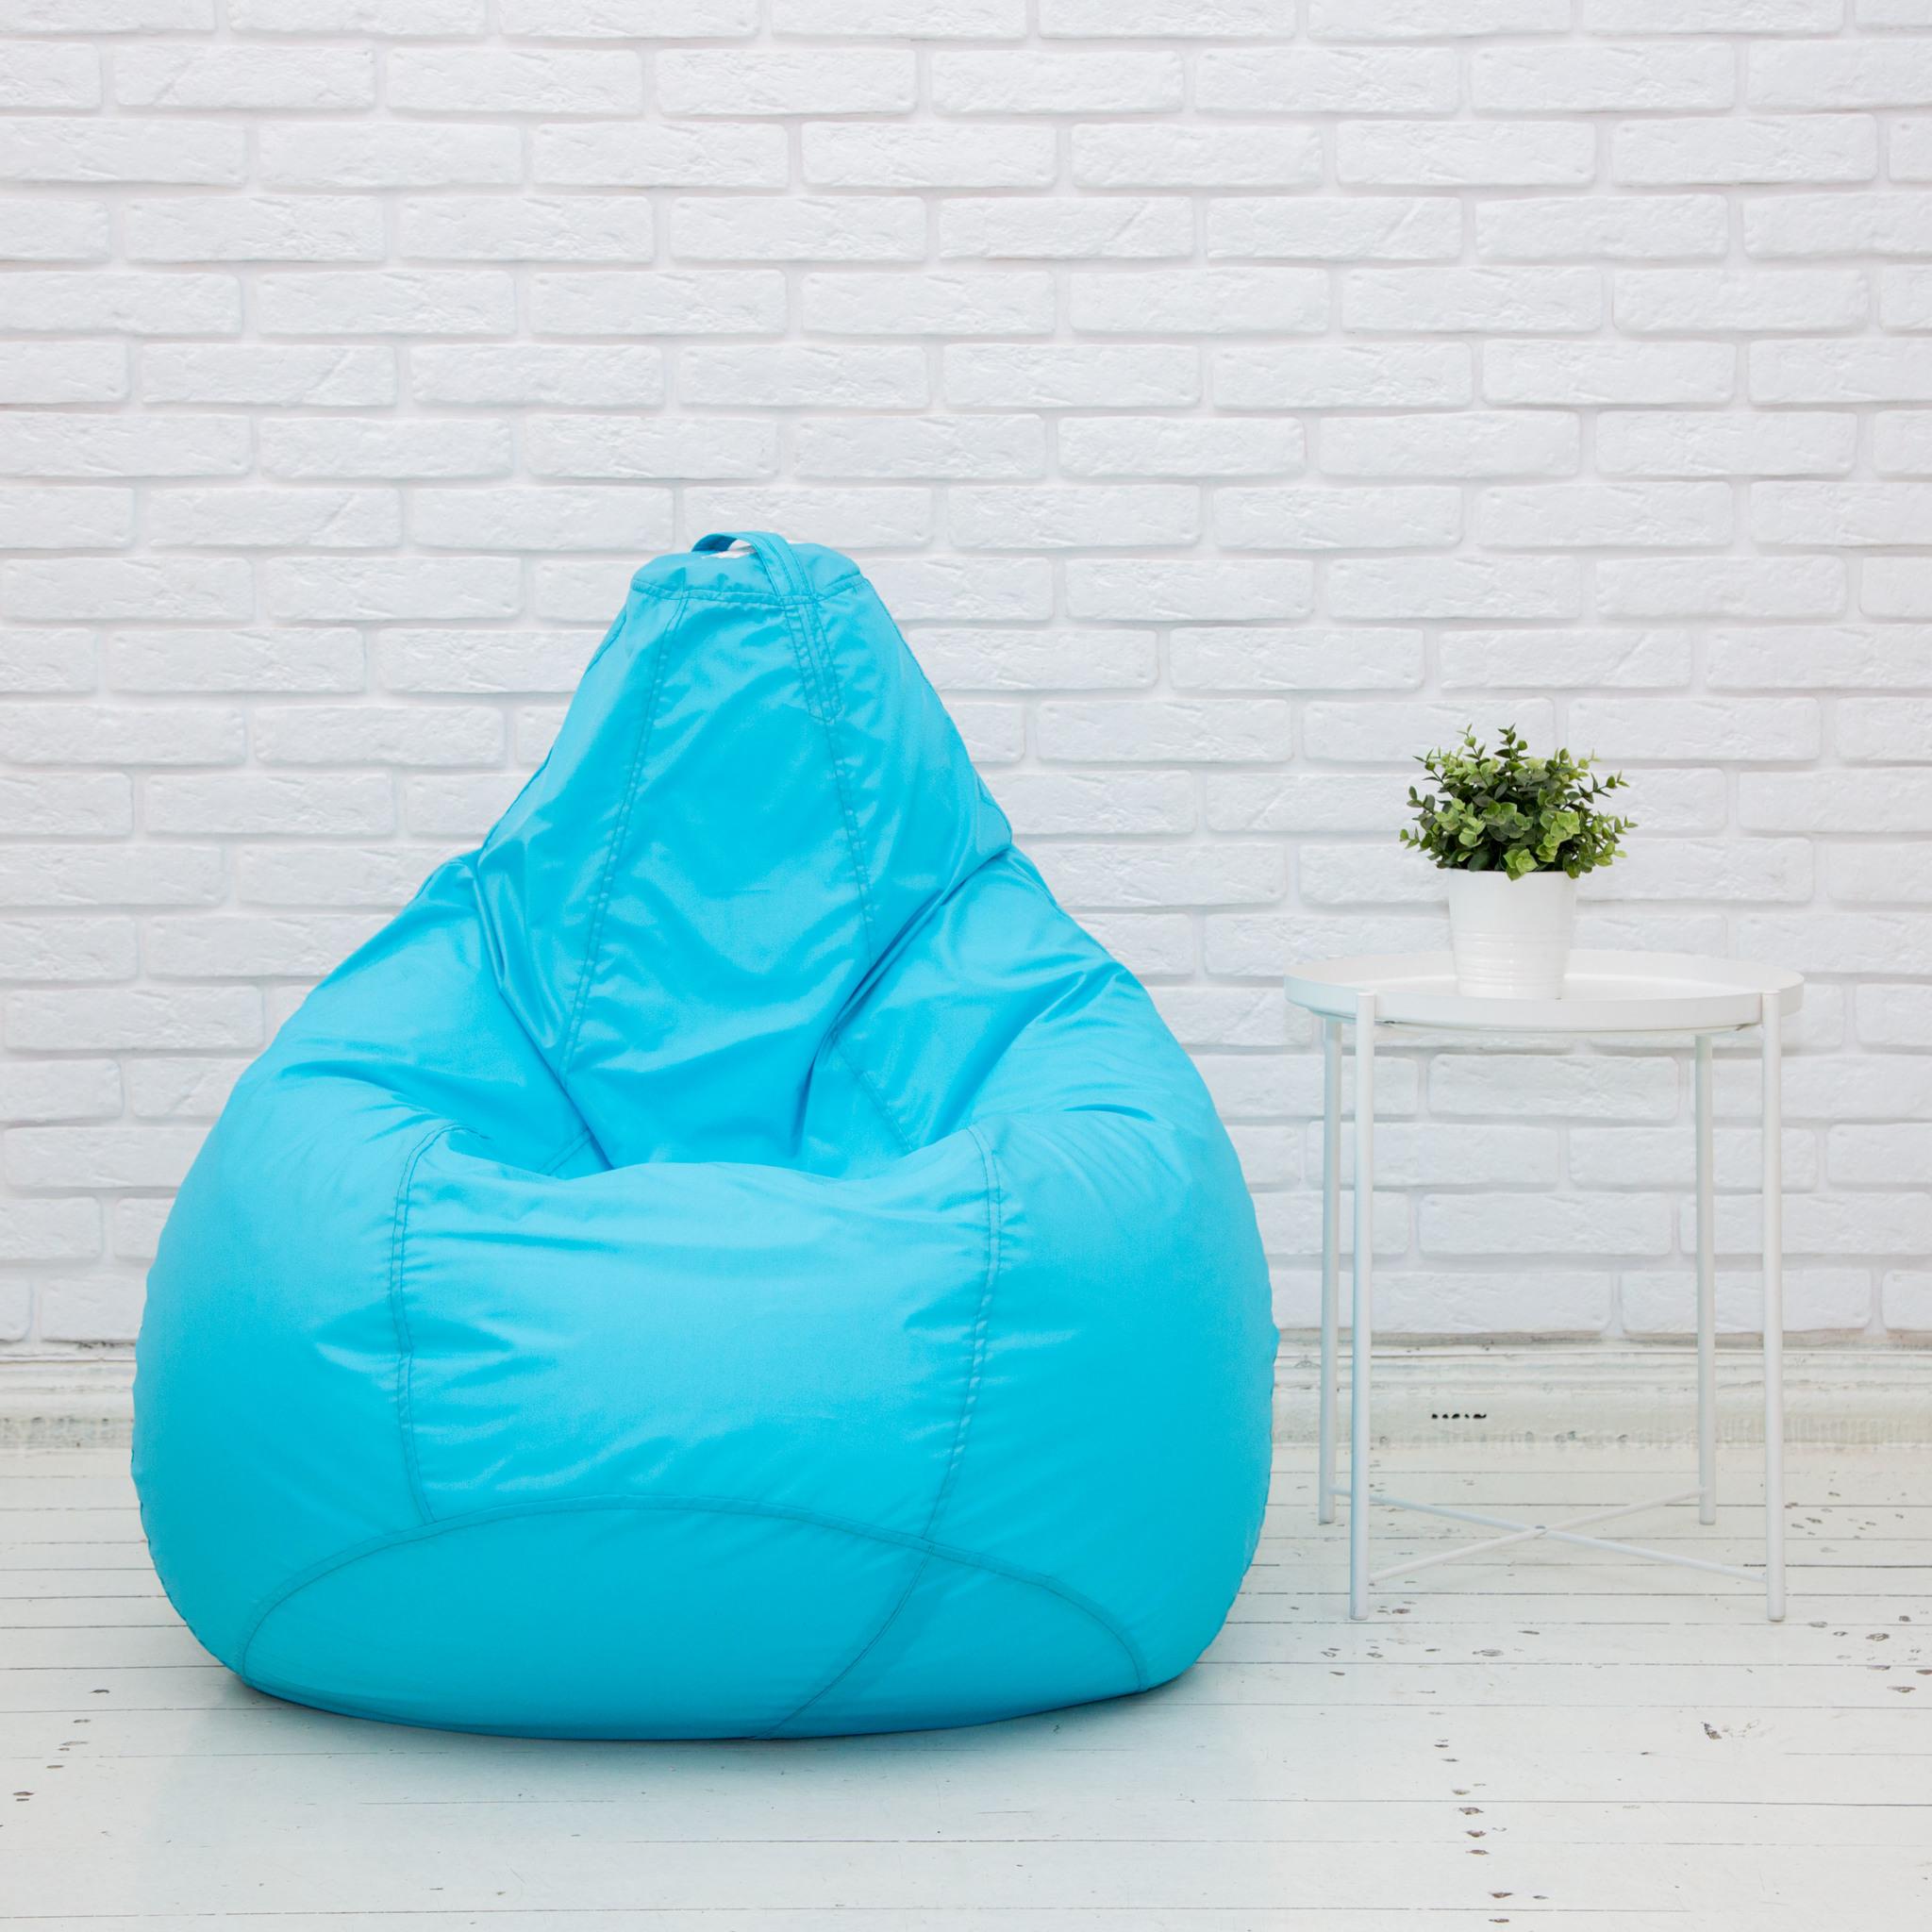 Груша М плащёвка, несъёмный чехол (голубой)